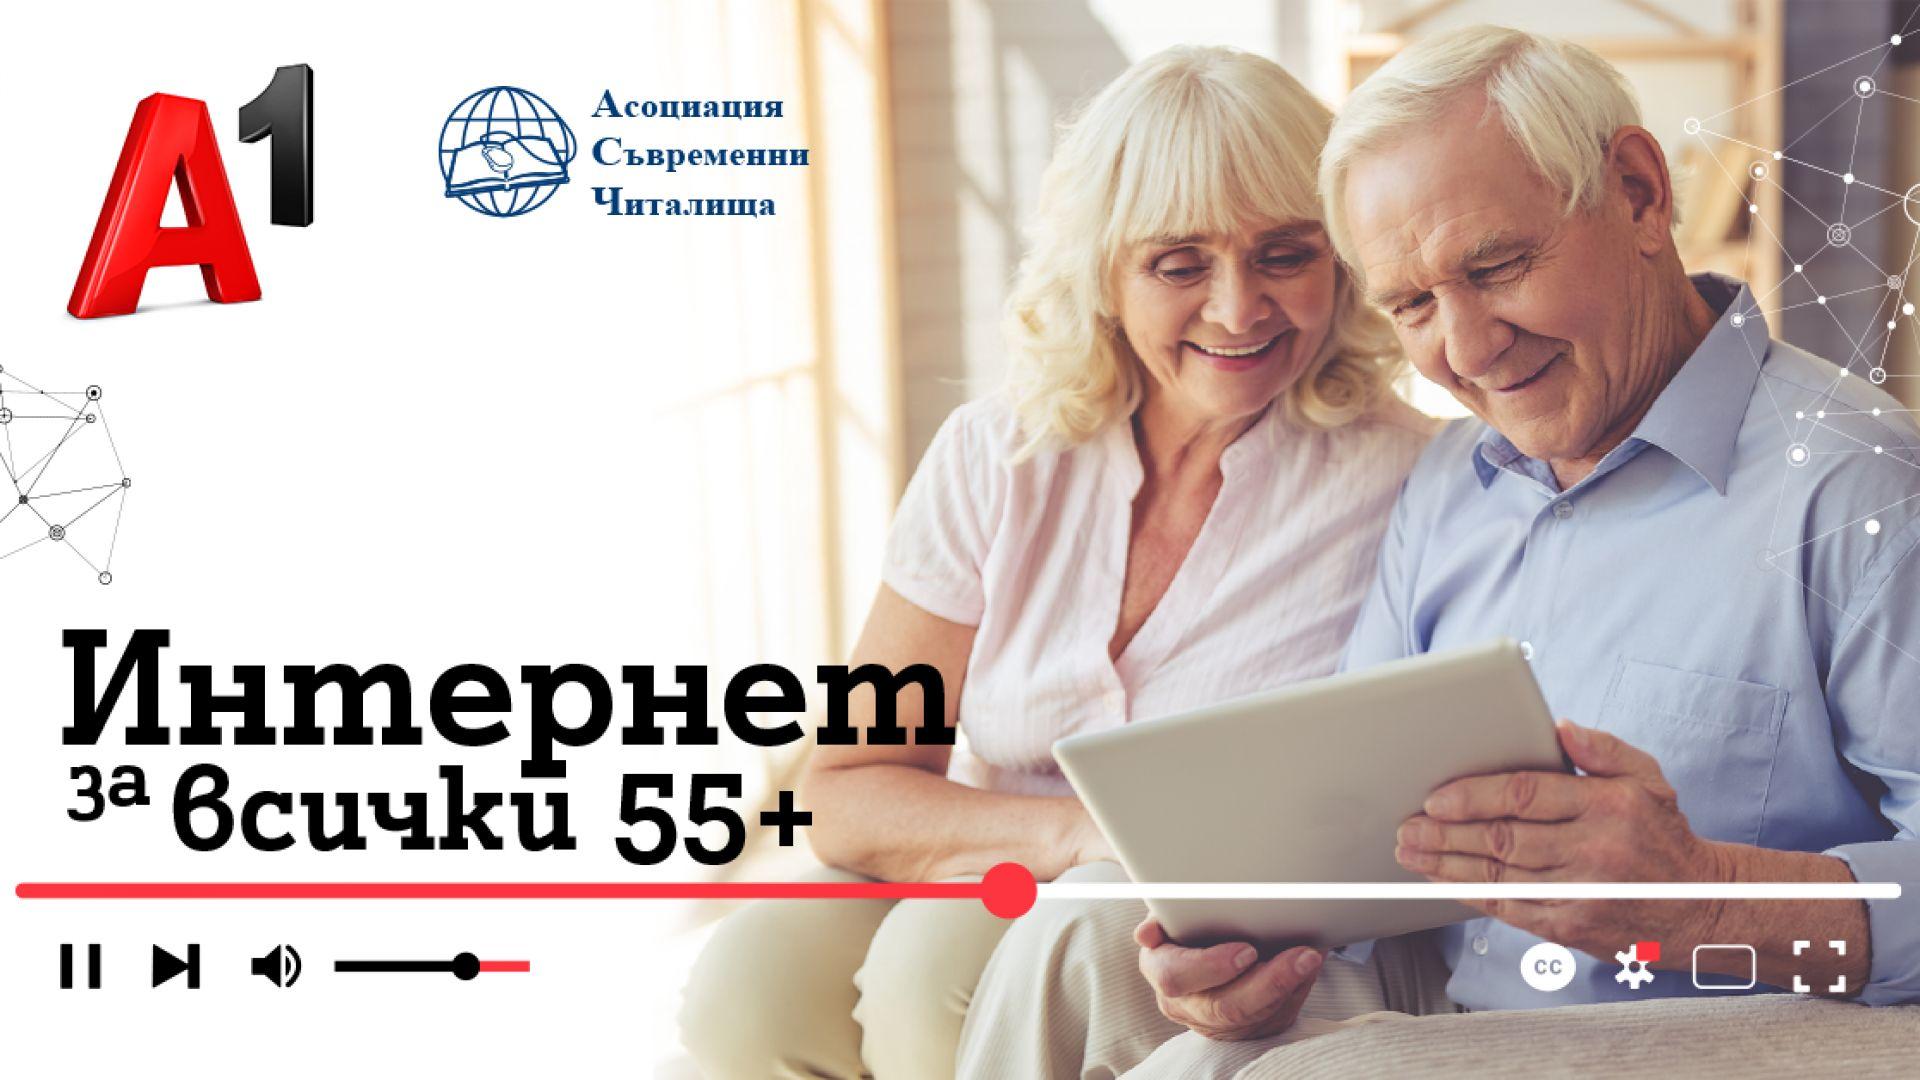 А1 стартира курсове по дигитална грамотност за възрастни като част от инициативата Интернет за всички 55+